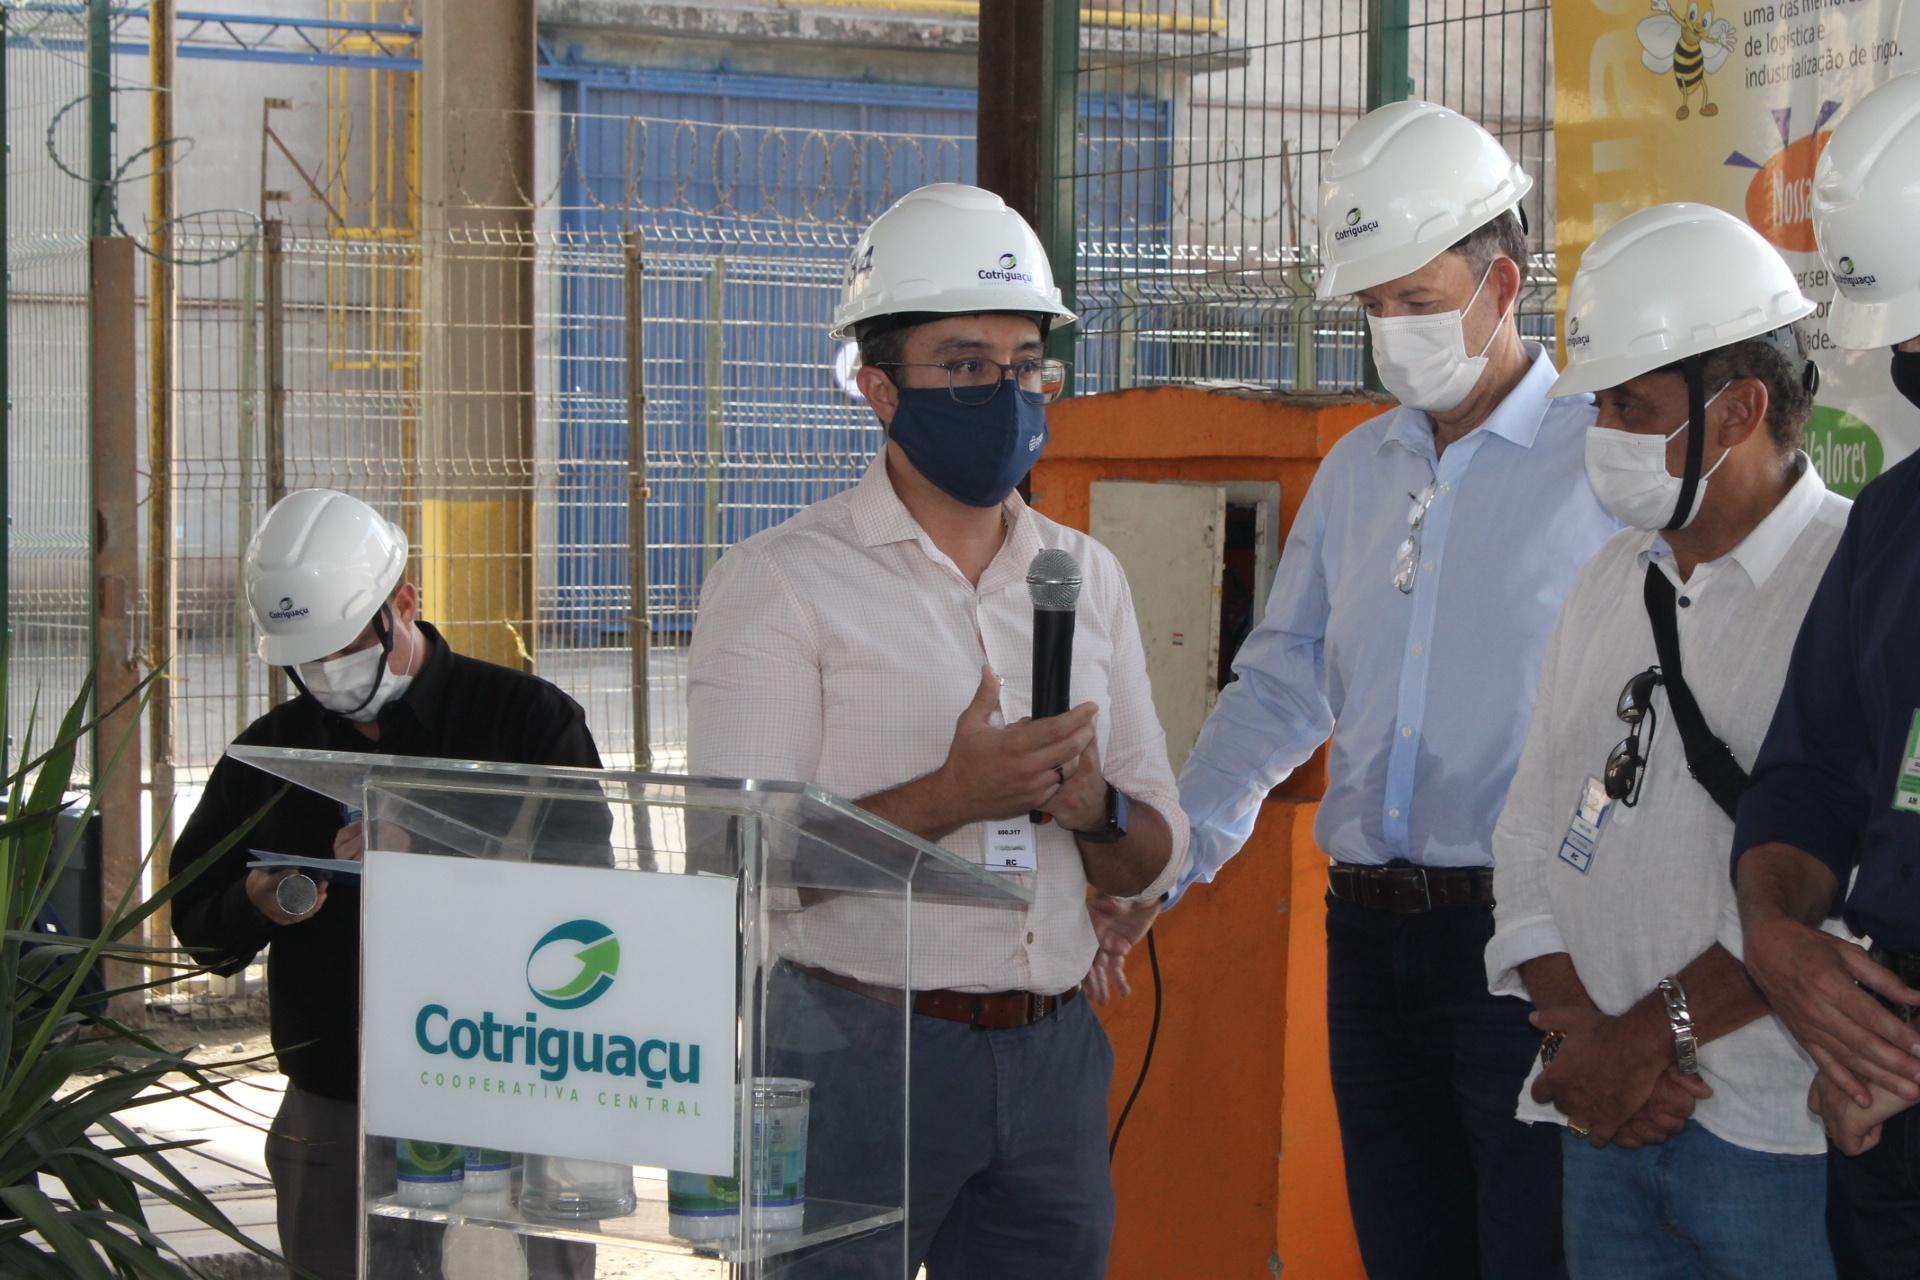 Diretor-presidente da Portos do Paraná, Luiz Fernando Garcia da Silva, destaca que investimento é também sinal de confiança da Cotriguaçu na gestão da Portos do Paraná e no Governo do Estado